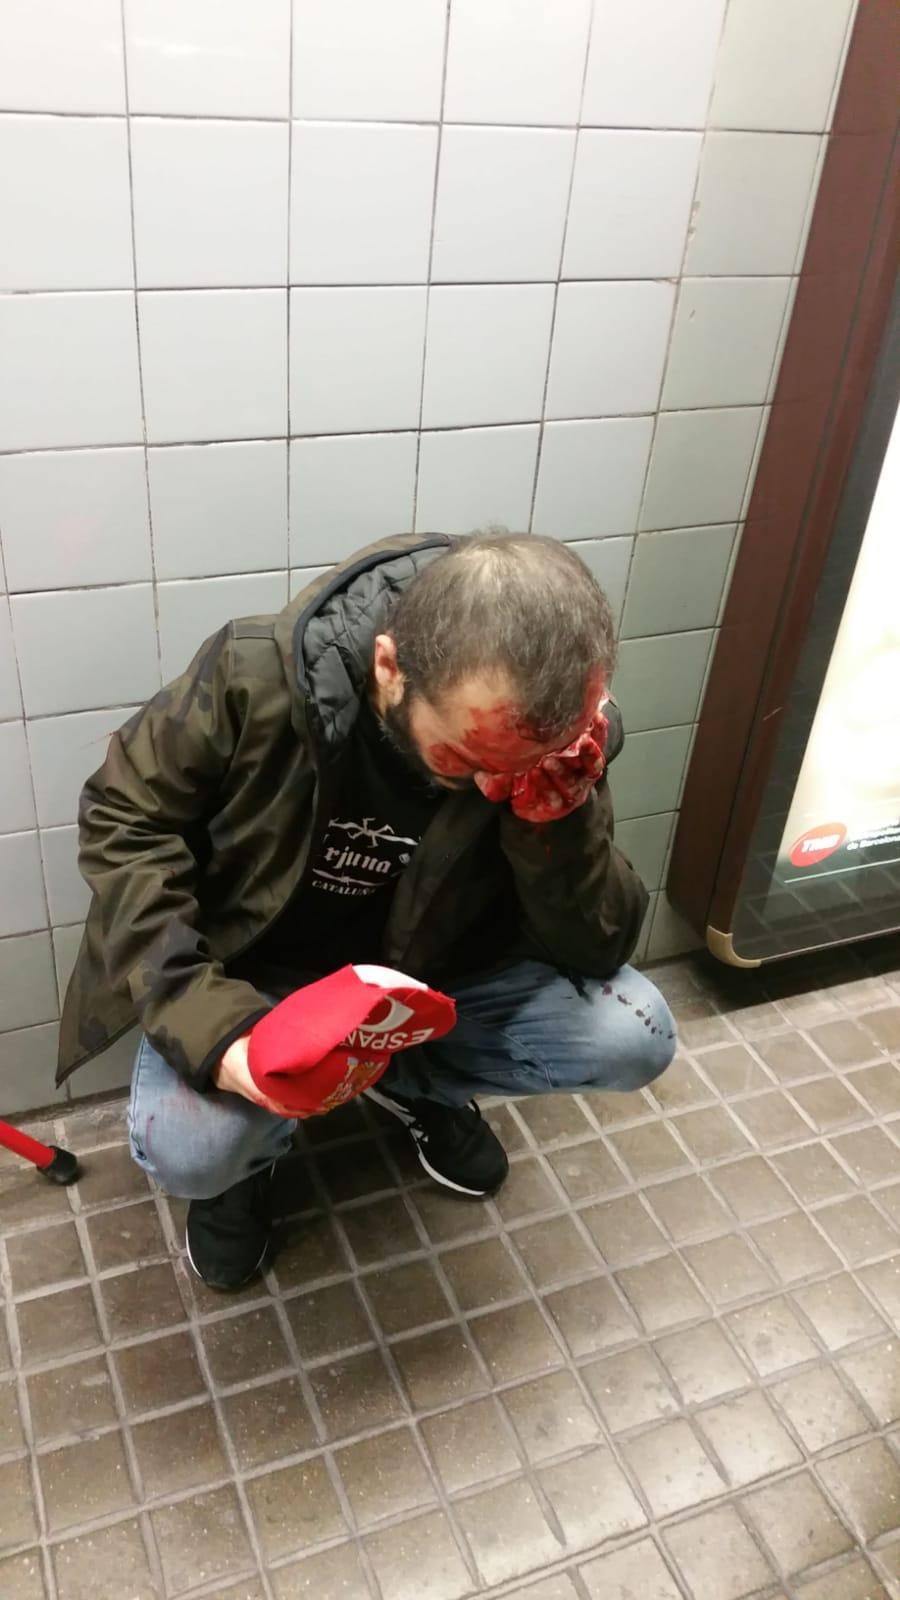 Independentistas empujan por la espalda a un español a las escaleras del metro de Barcelona